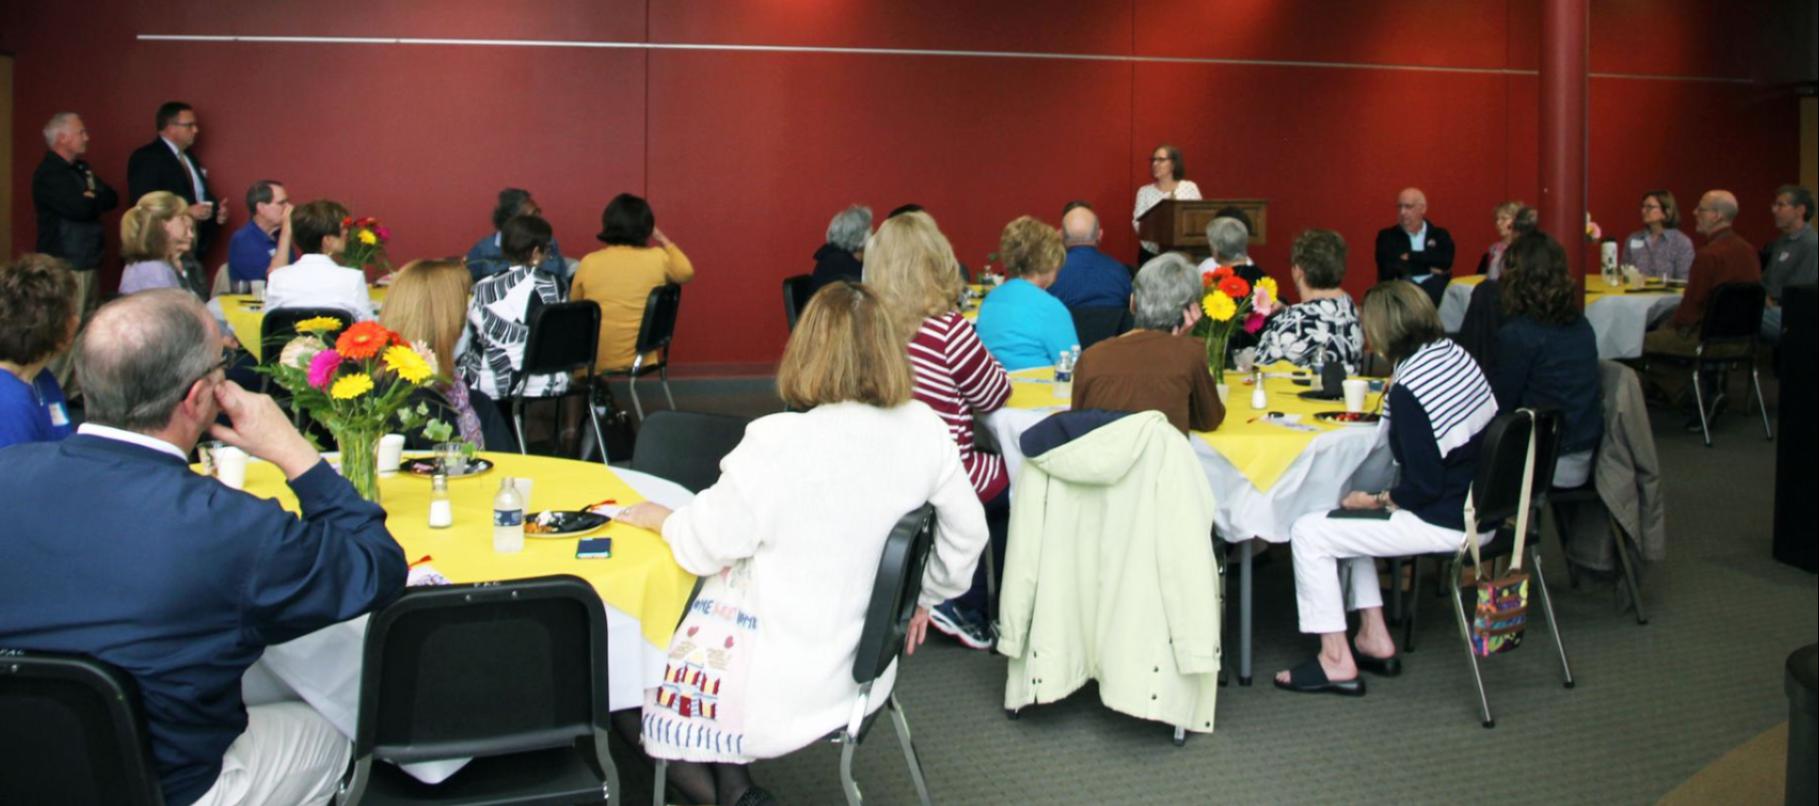 Image of volunteers at breakfast